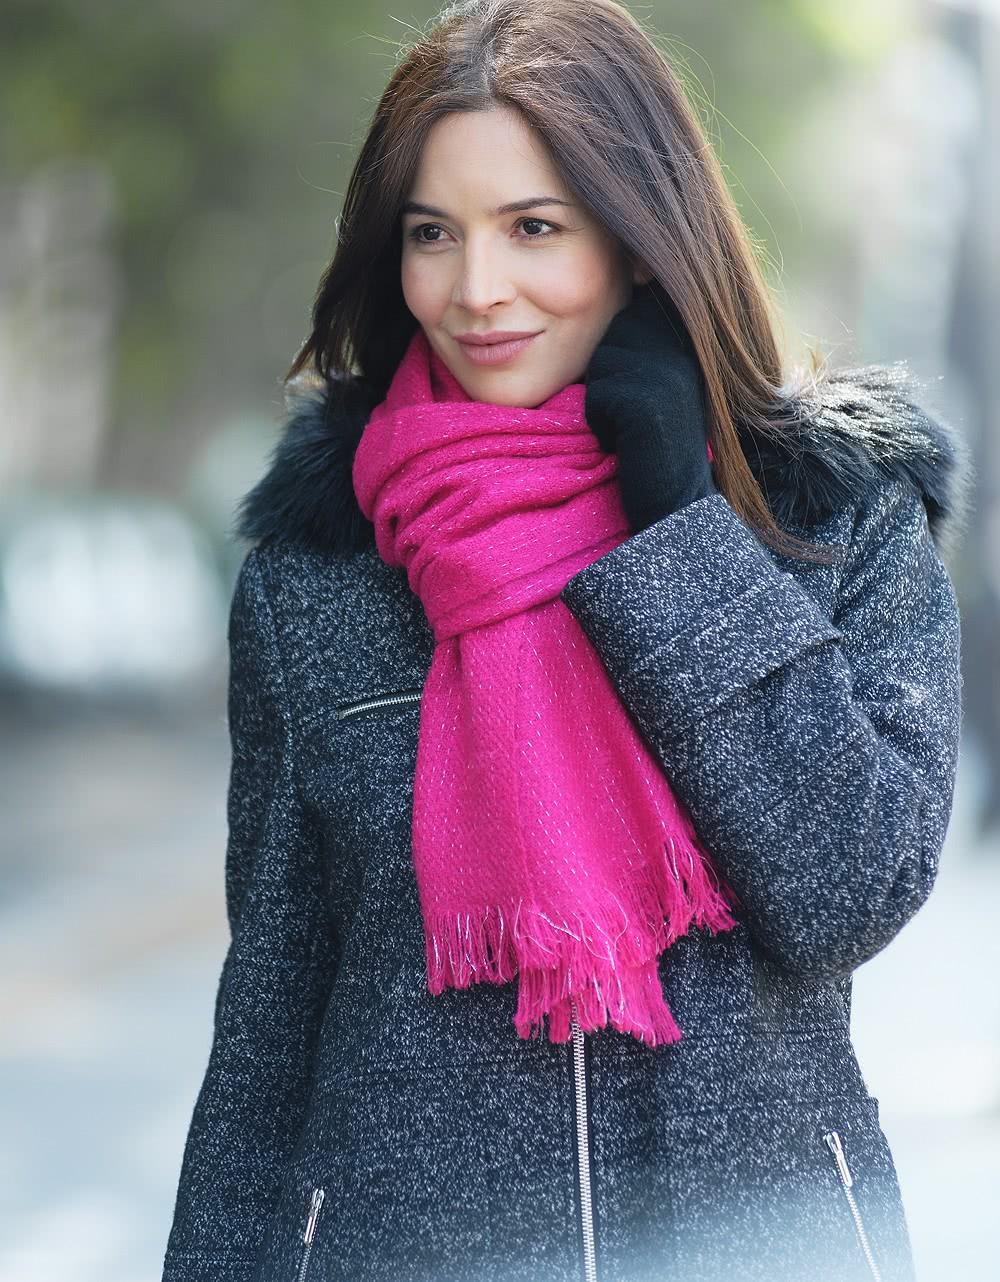 Echarpe femme christine laure - Idée pour s habiller 995bd633a60